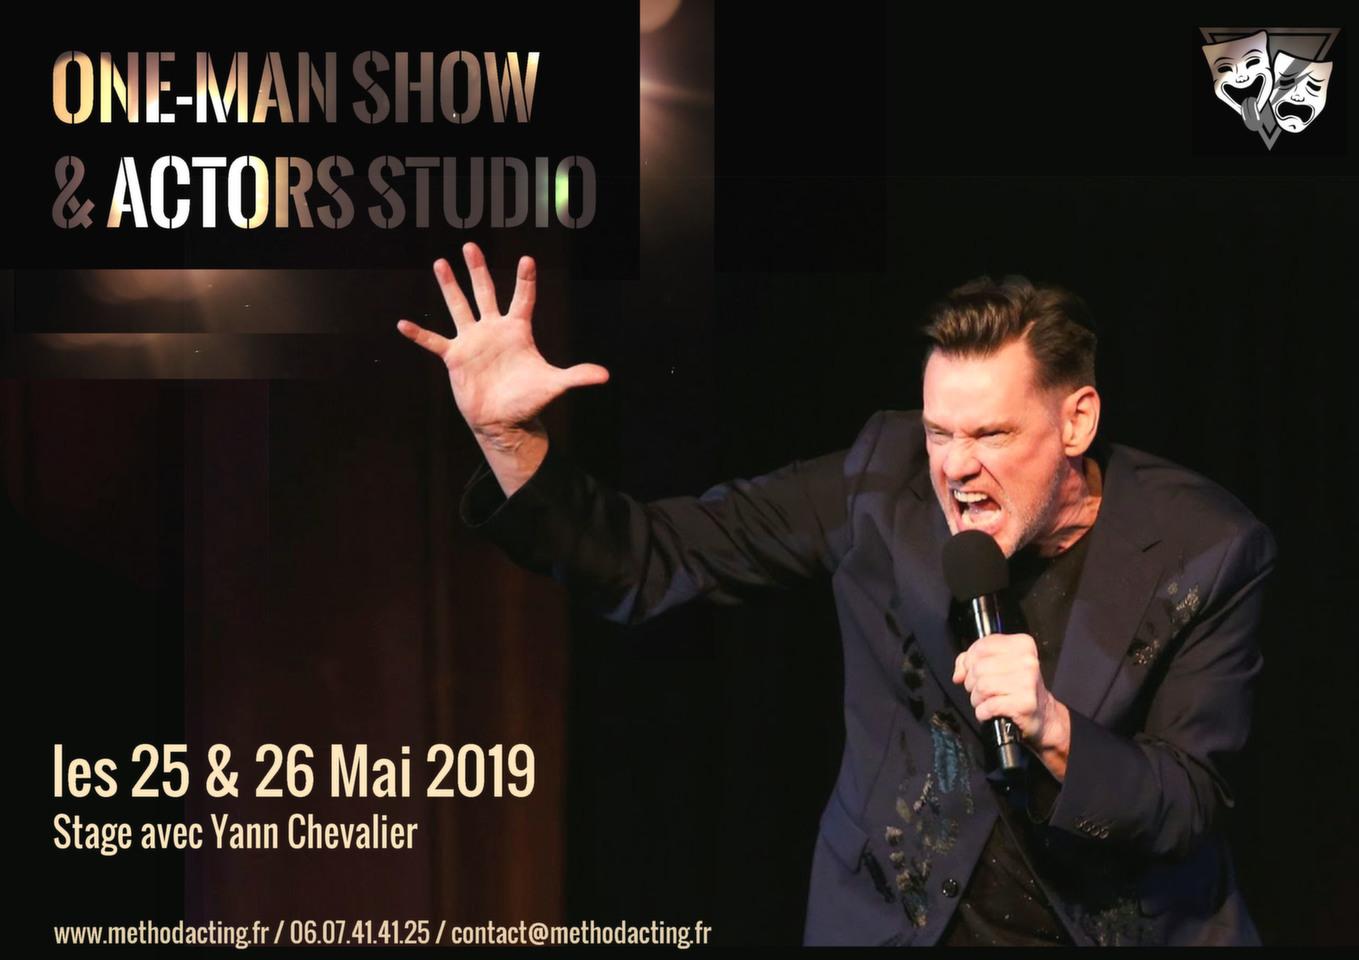 Stage One Man Show et Actors Studio<br />Method Acting Center<br /><br />WEEKEND du 25 & 26 Mai 2019<br />de 13h à 19h,<br />au 93 Avenue d'Italie, Paris 13e<br />avec Yann CHEVALIER<br /><br />Aux USA, de nombreux «stand-up comedians» sont formés aux méthodes de Stanislavski et de l'Actors Studio. Et pour cause : le travail sur l'imaginaire doublé de l'expertise du travail sensoriel permet aux performers de one man show de créer de véritables environnements dynamiques, ludiques, crédibles et délirants !<br /><br />Bienvenue dans notre approche, unique en France, de la Méthode au service des one man shows.<br /><br />OBJECTIFS du Stage ONE MAN SHOW & ACTORS STUDIO<br />- Apprendre à utiliser tout l'éventail sensoriel de la Méthode au service du one-man-show<br />- Découvrir comment sculpter le silence sur scène, travailler le rythme spécifique à l'humour<br />- Créer une relation réelle et dynamique avec le public, réussir à le personnifier<br />- Créer des univers à la fois invisibles et extrêmement vivants<br />- Comprendre et faire des choix de mise en scène pour illustrer ses propos<br />- Improviser une scène sur thème ou un texte imposé<br />- Composer son (et ses) personnage(s) de One Man Show<br /><br />INFOS PRATIQUES<br />- De 8 à 16 personnes<br />- 160€ pour un stage weekend<br />- Forfaits à partir de 3/6/9 stages weekend : 10% de remise / 15% de remise / 20% de remise, découvrez notre planning de stages 2019<br />- Formations éligibles à l'AFDAS, aux OPCA, et Pôle emploi<br />- Un acompte de 30% vous sera demandé au moment de la réservation<br /><br />INSCRIPTIONS EN LIGNE<br />https://www.methodacting.fr/<br />contact@methodacting.fr<br />06 07 41 41 25<br /><br />Image : The New Yorker